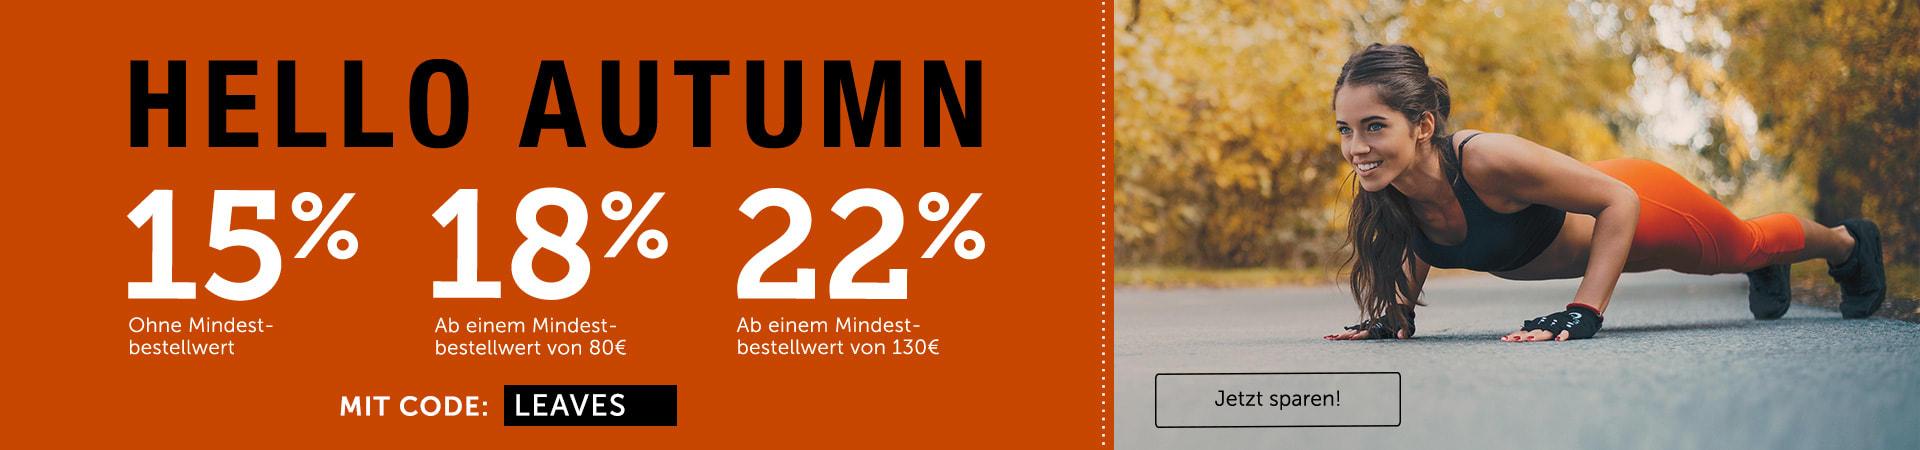 Komm mit uns in Herbststimmung und sichere dir bis zu 22% Rabatt auf Alles!